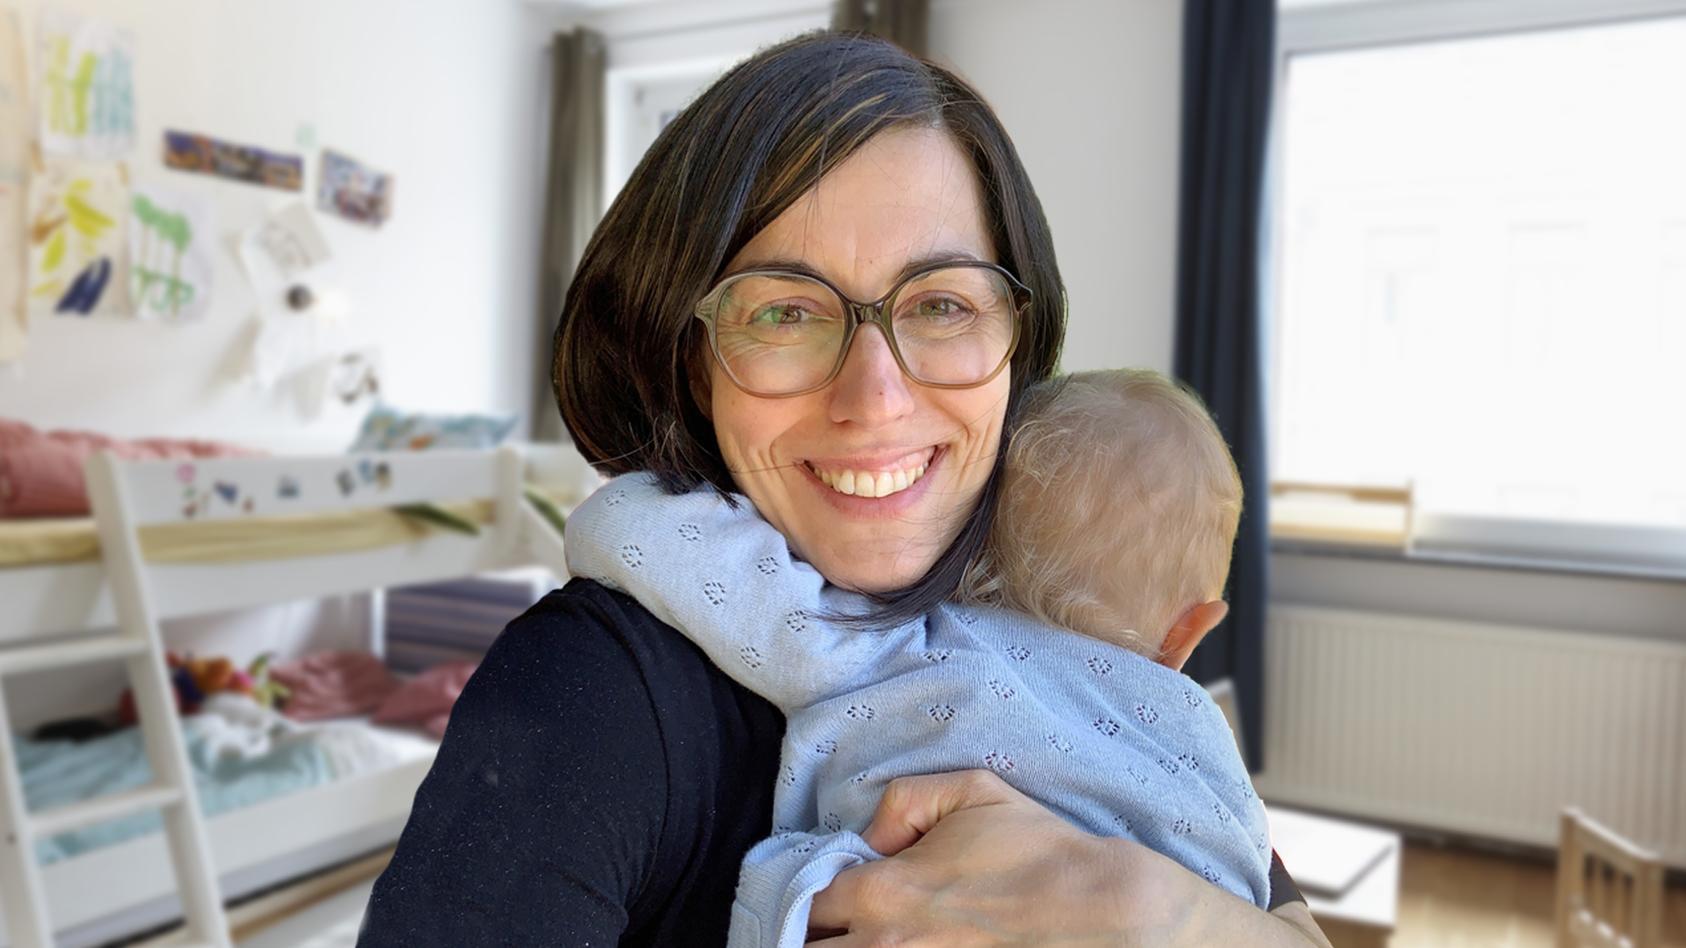 Heinke Trapp ist vierfache Mutter, zahlt aber für jedes Kind den Einzelkind-Betrag in der Kita.